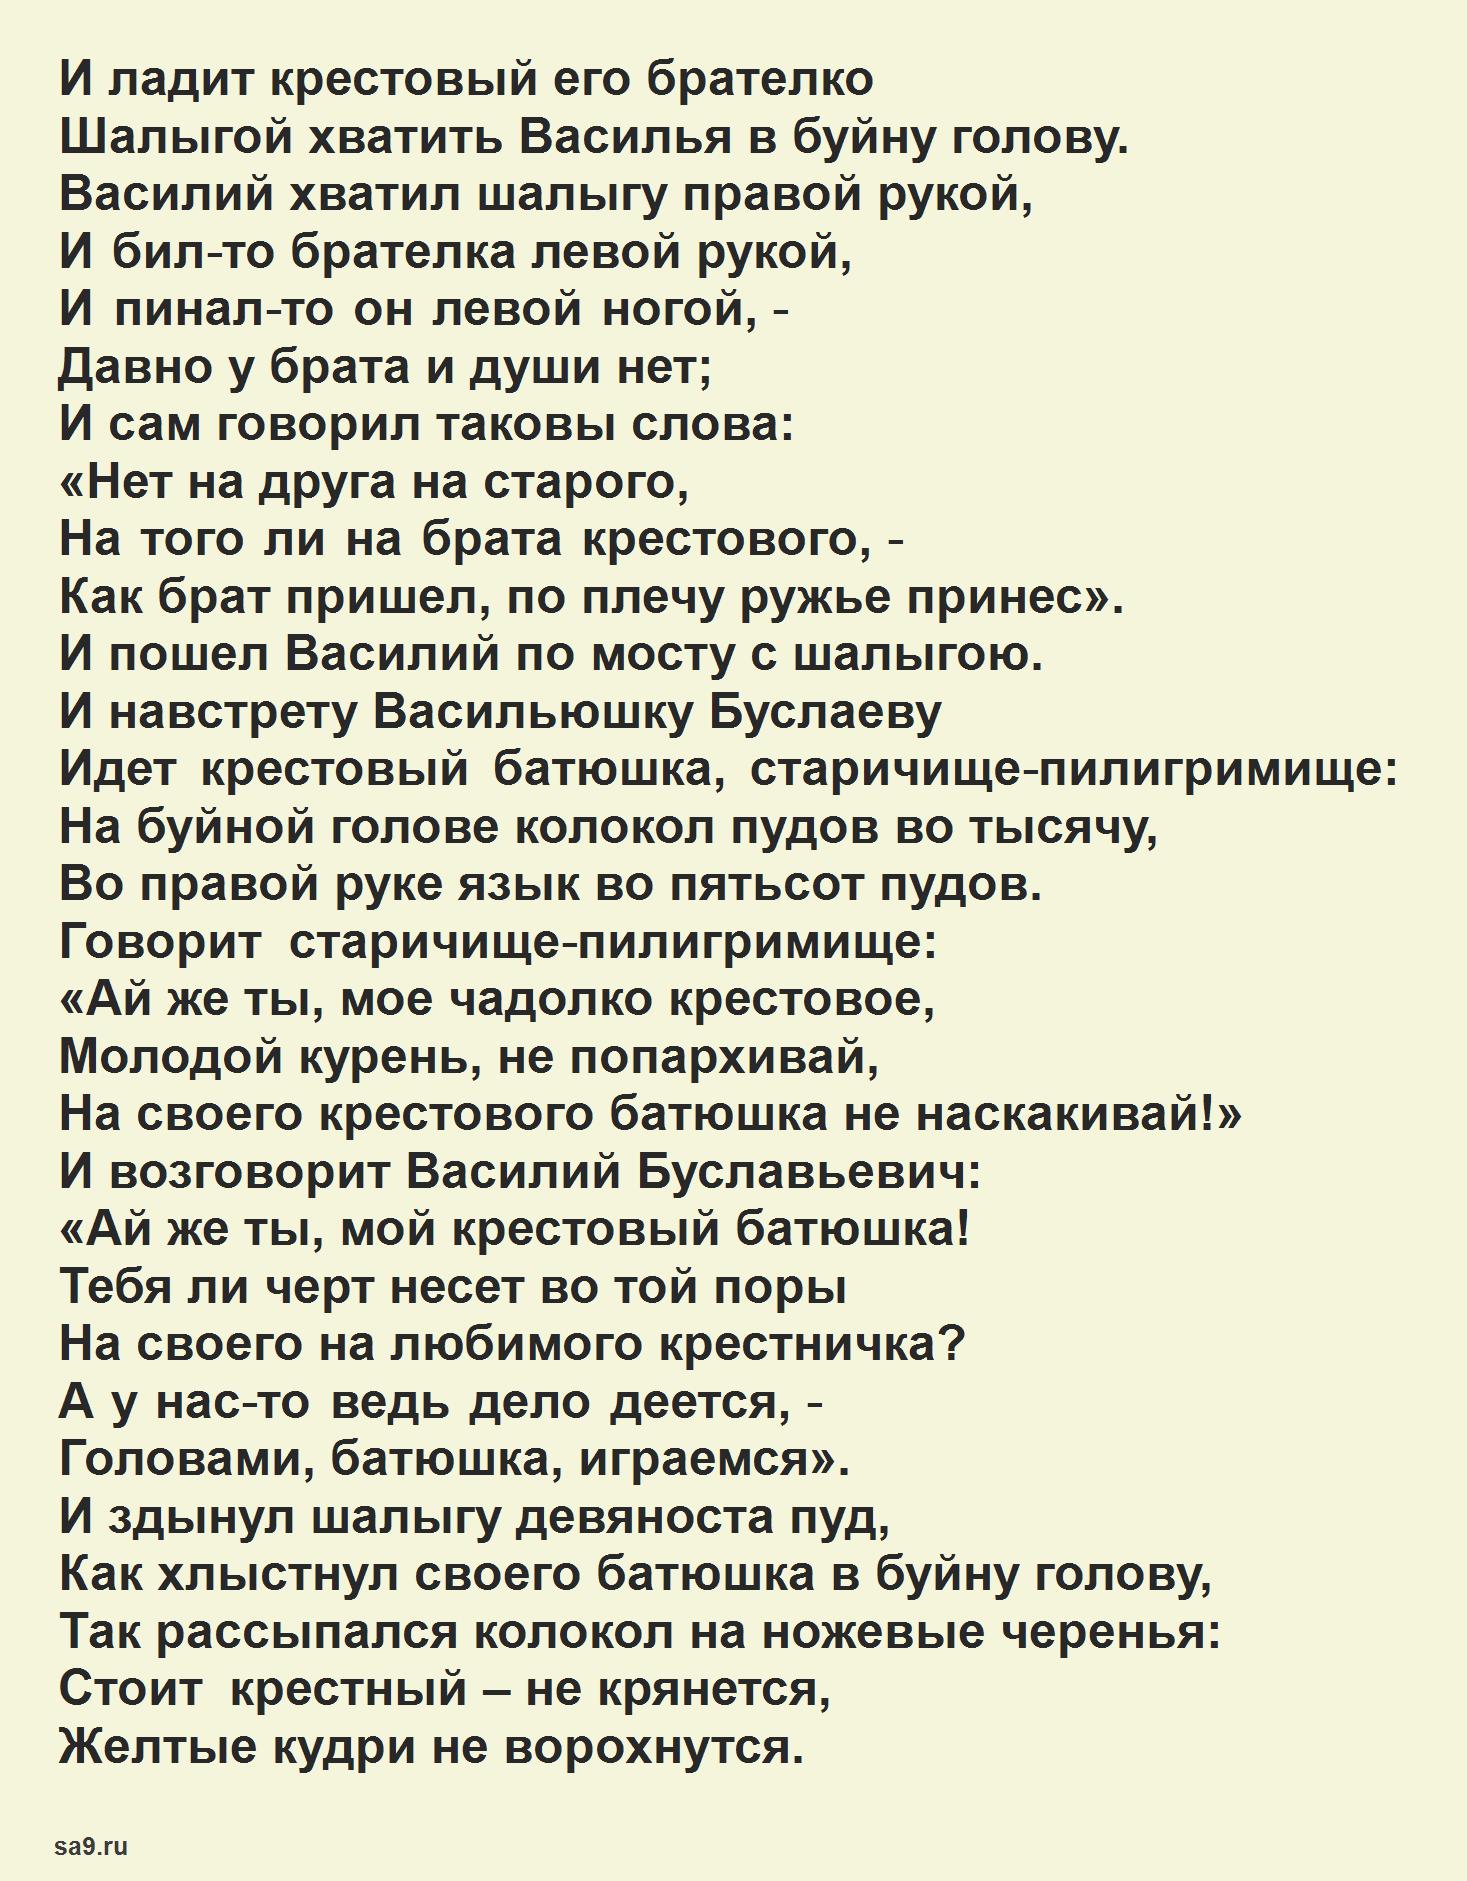 Читать былину - Василий Буслаев и Новгородцы